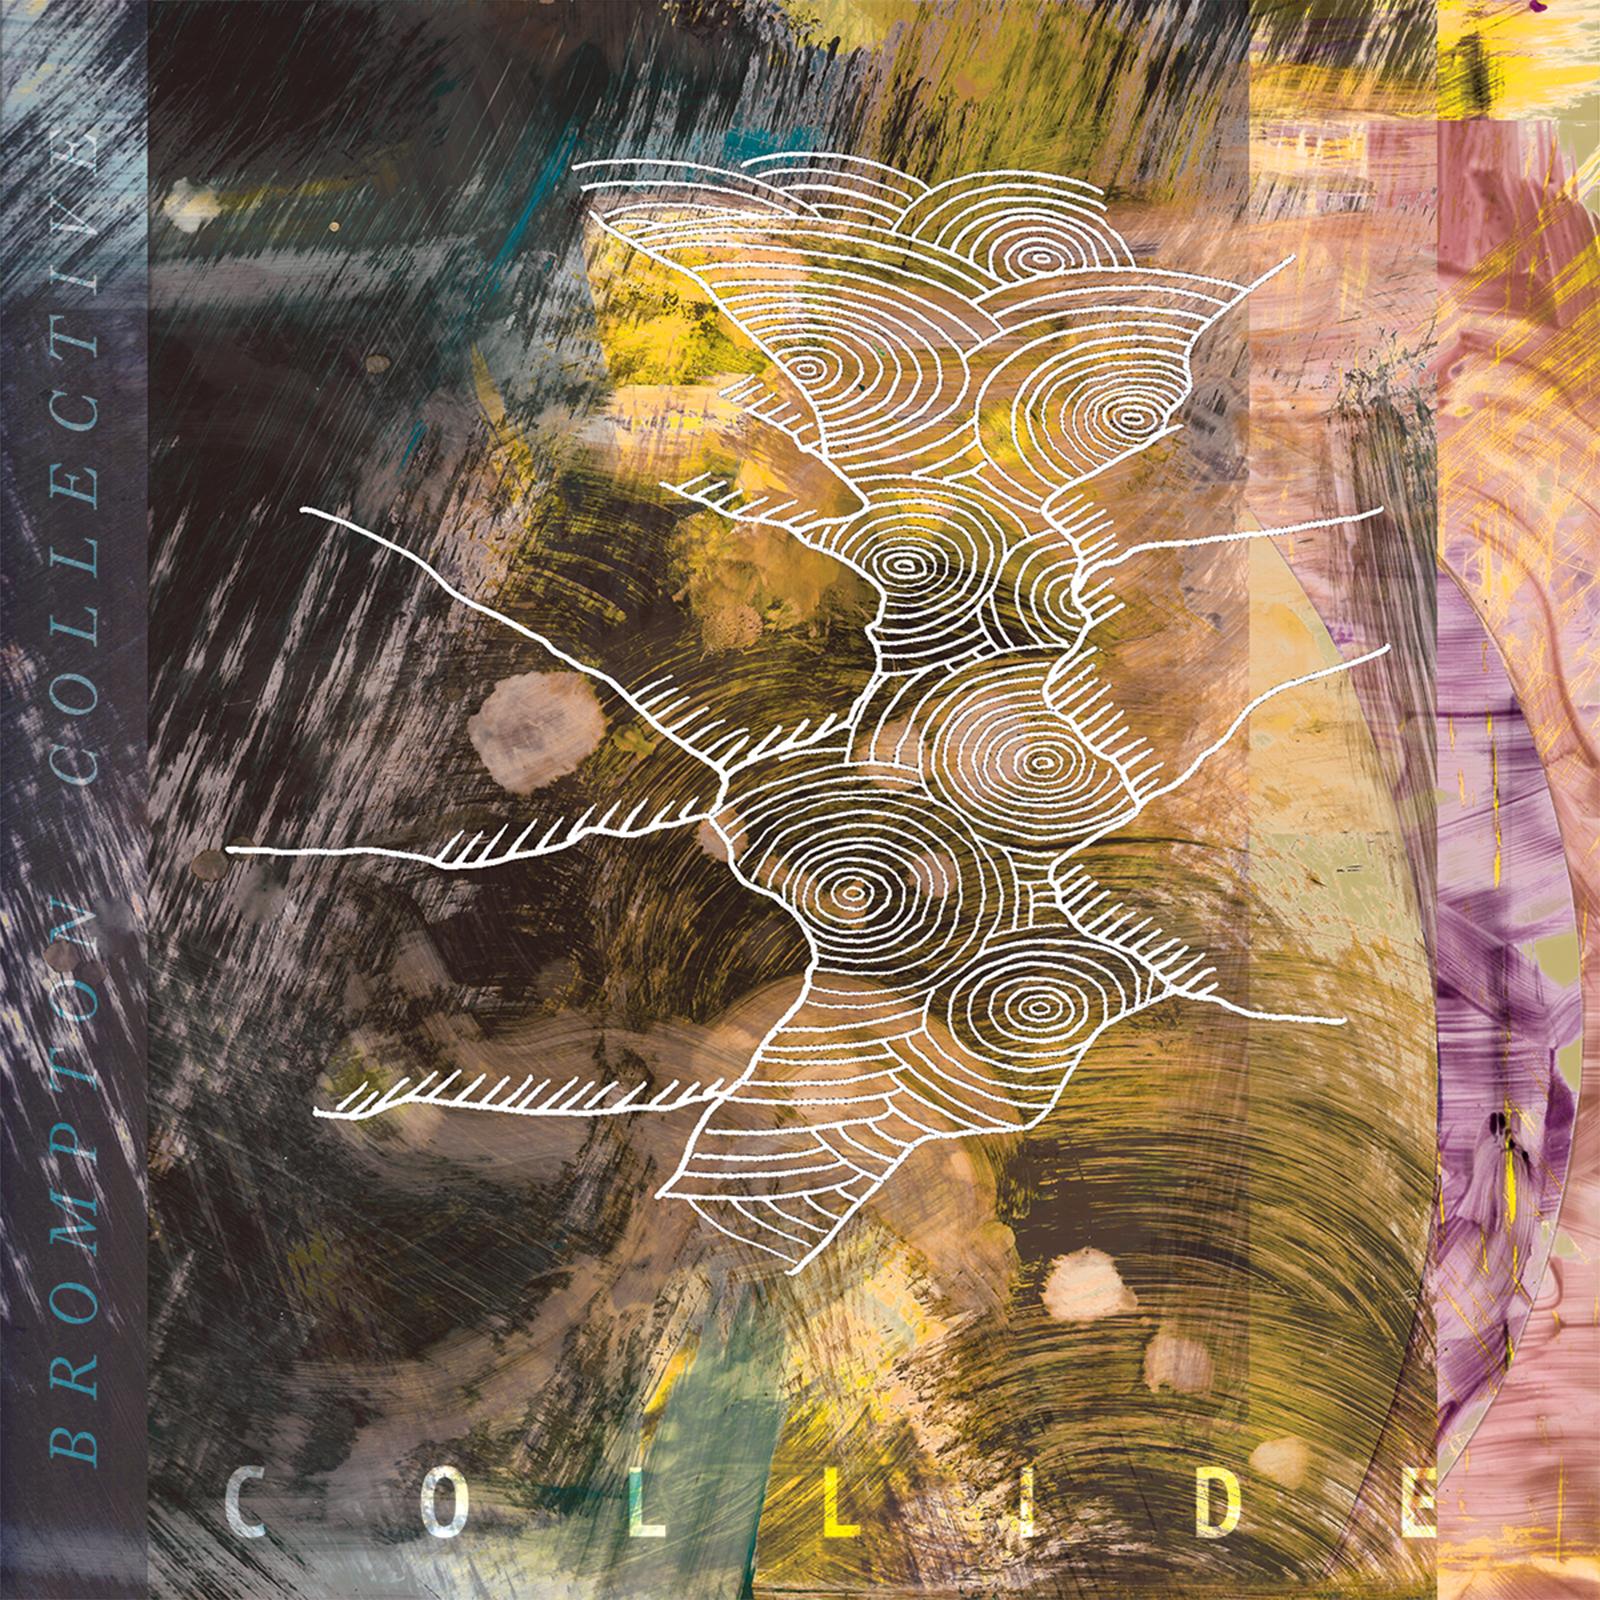 BROMPTONC_COLLIDE_COVER.jpg